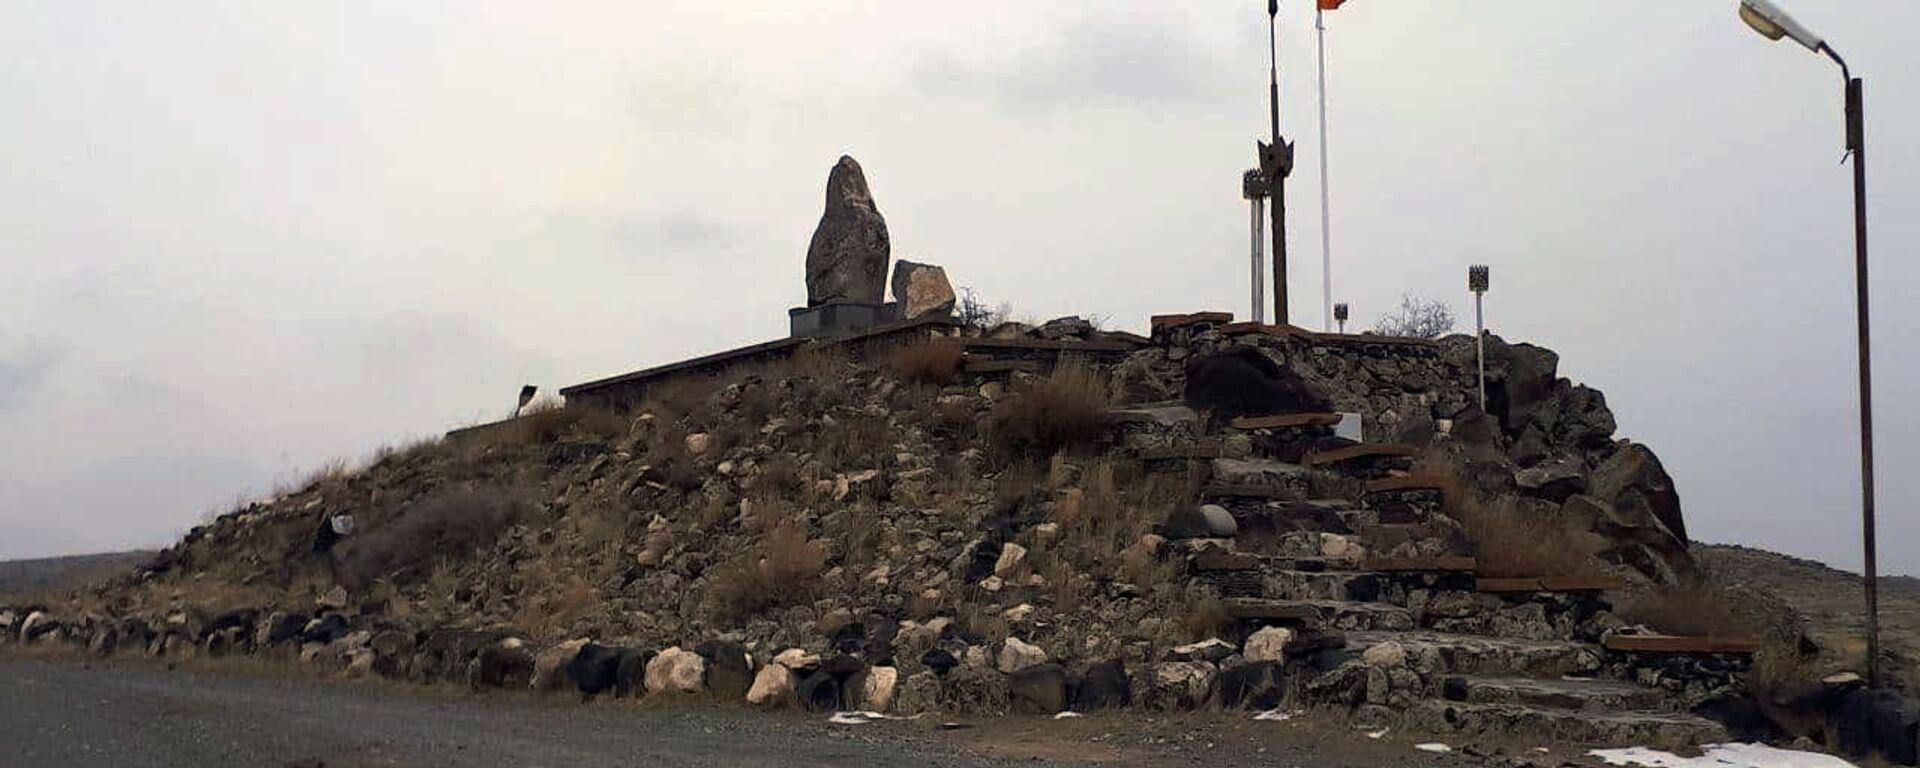 Армяно-турецкая граница, село Ервандашат  - Sputnik Армения, 1920, 08.10.2021